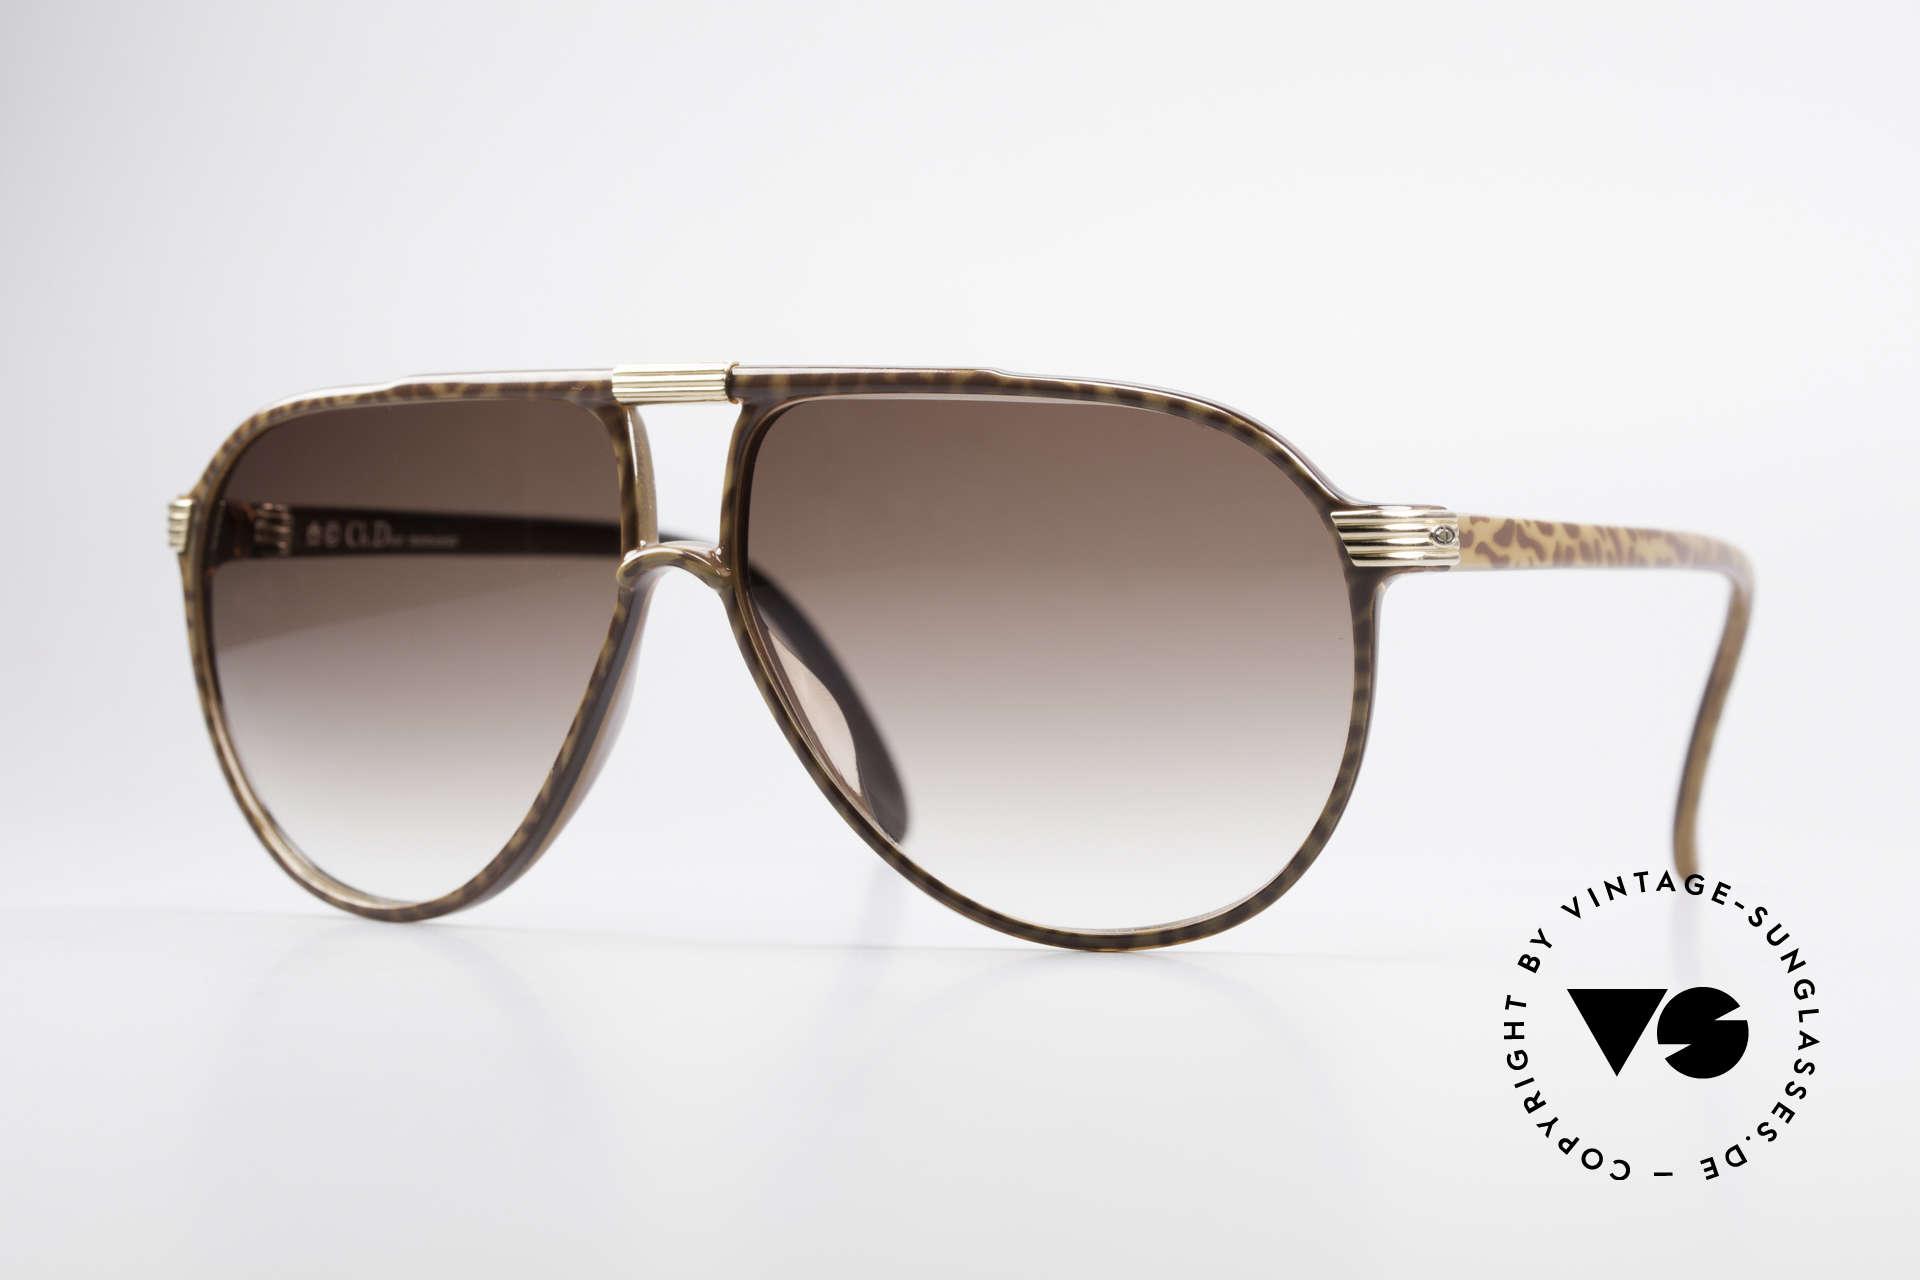 Christian Dior 2300 80er Aviator Sonnenbrille, orig. Christian Dior vintage Sonnenbrille von 1985, Passend für Herren